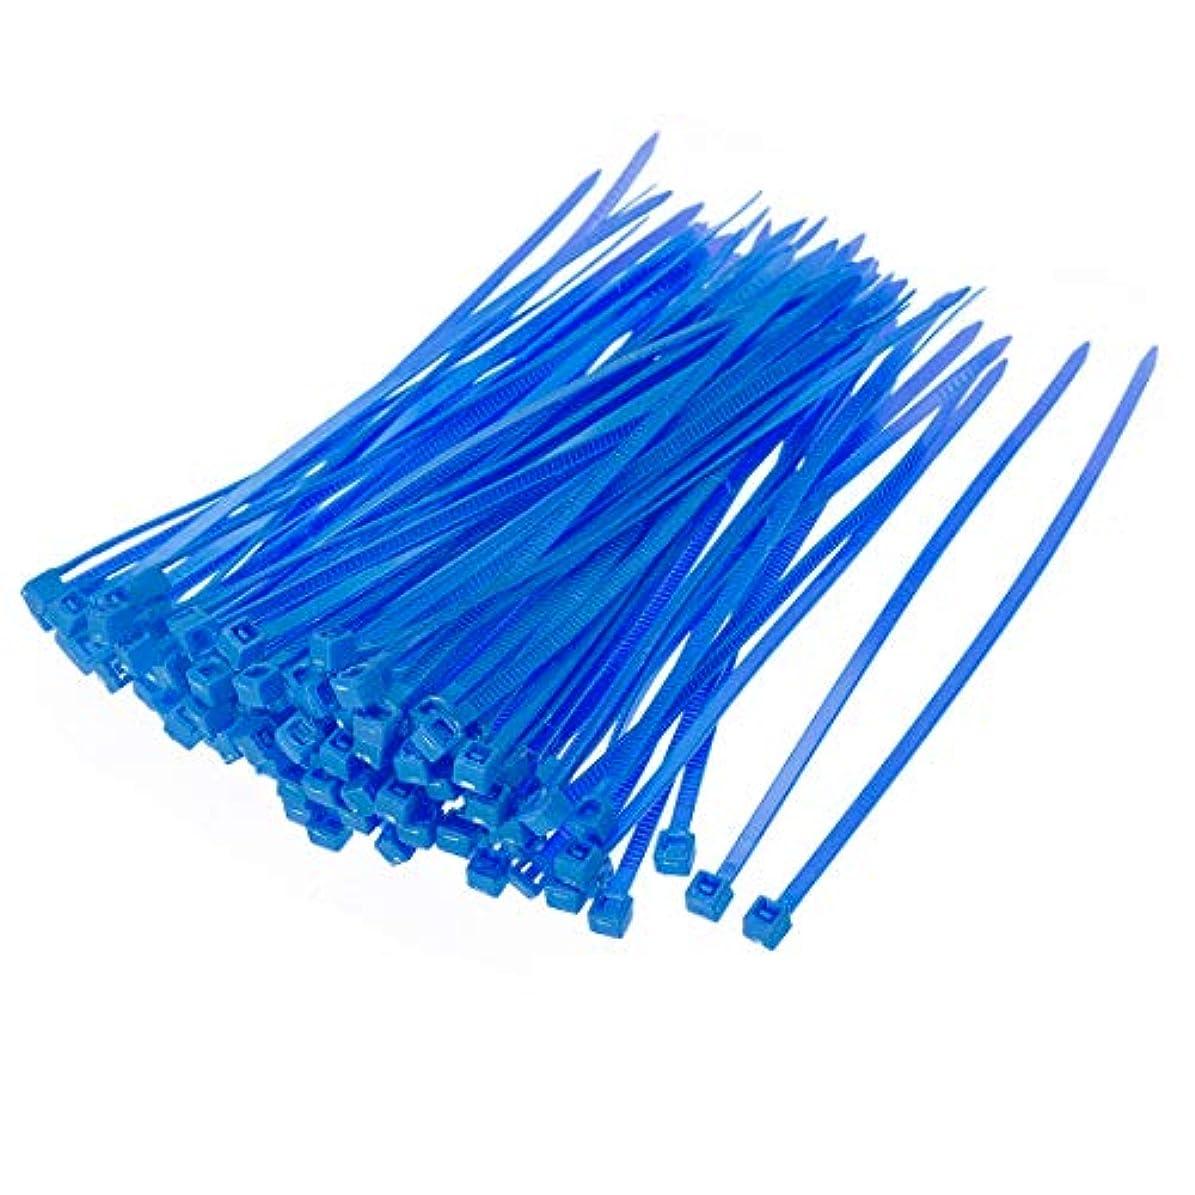 パパ羽ストロークuxcell ナイロンケーブルタイ 200mmセルフロックジップタイ 3.5幅 100個 ブルー 4 x 0.09インチ(L * W)